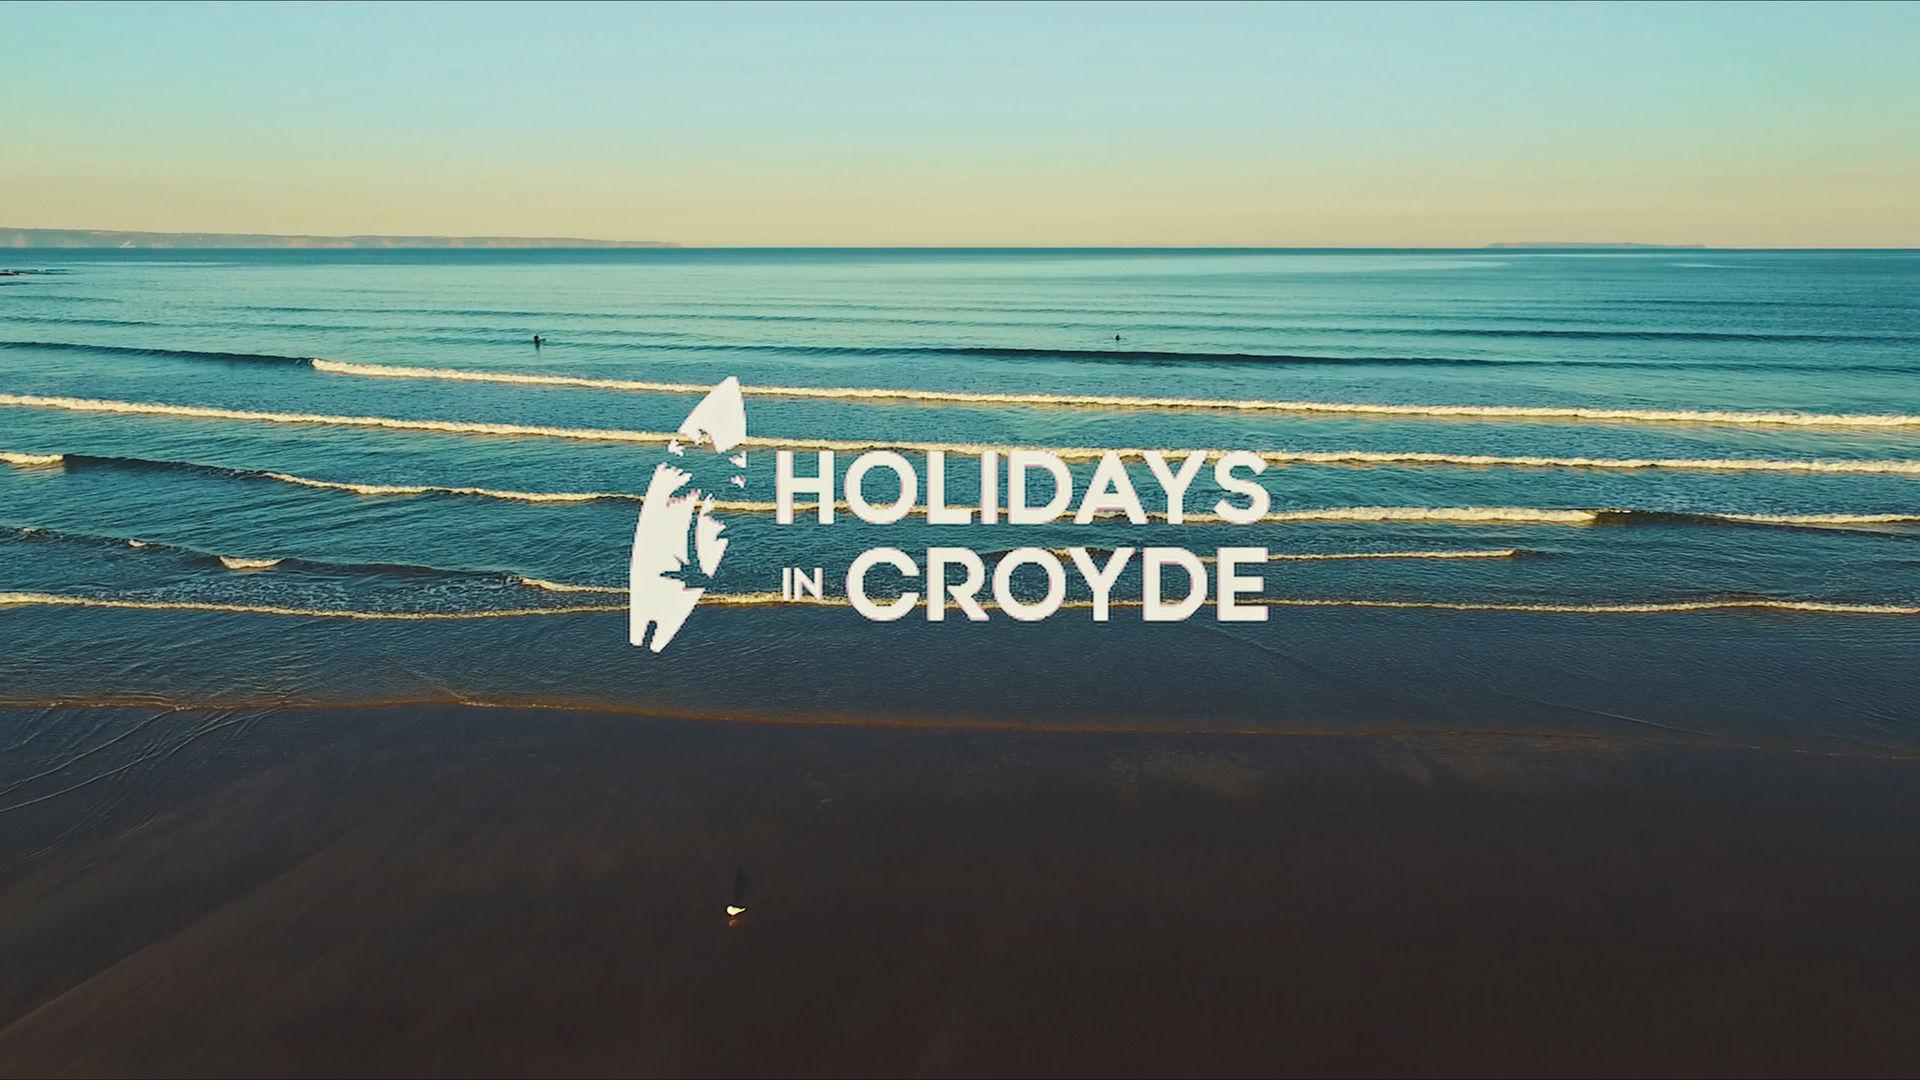 Ocean Palms - HolidaysinCroyde